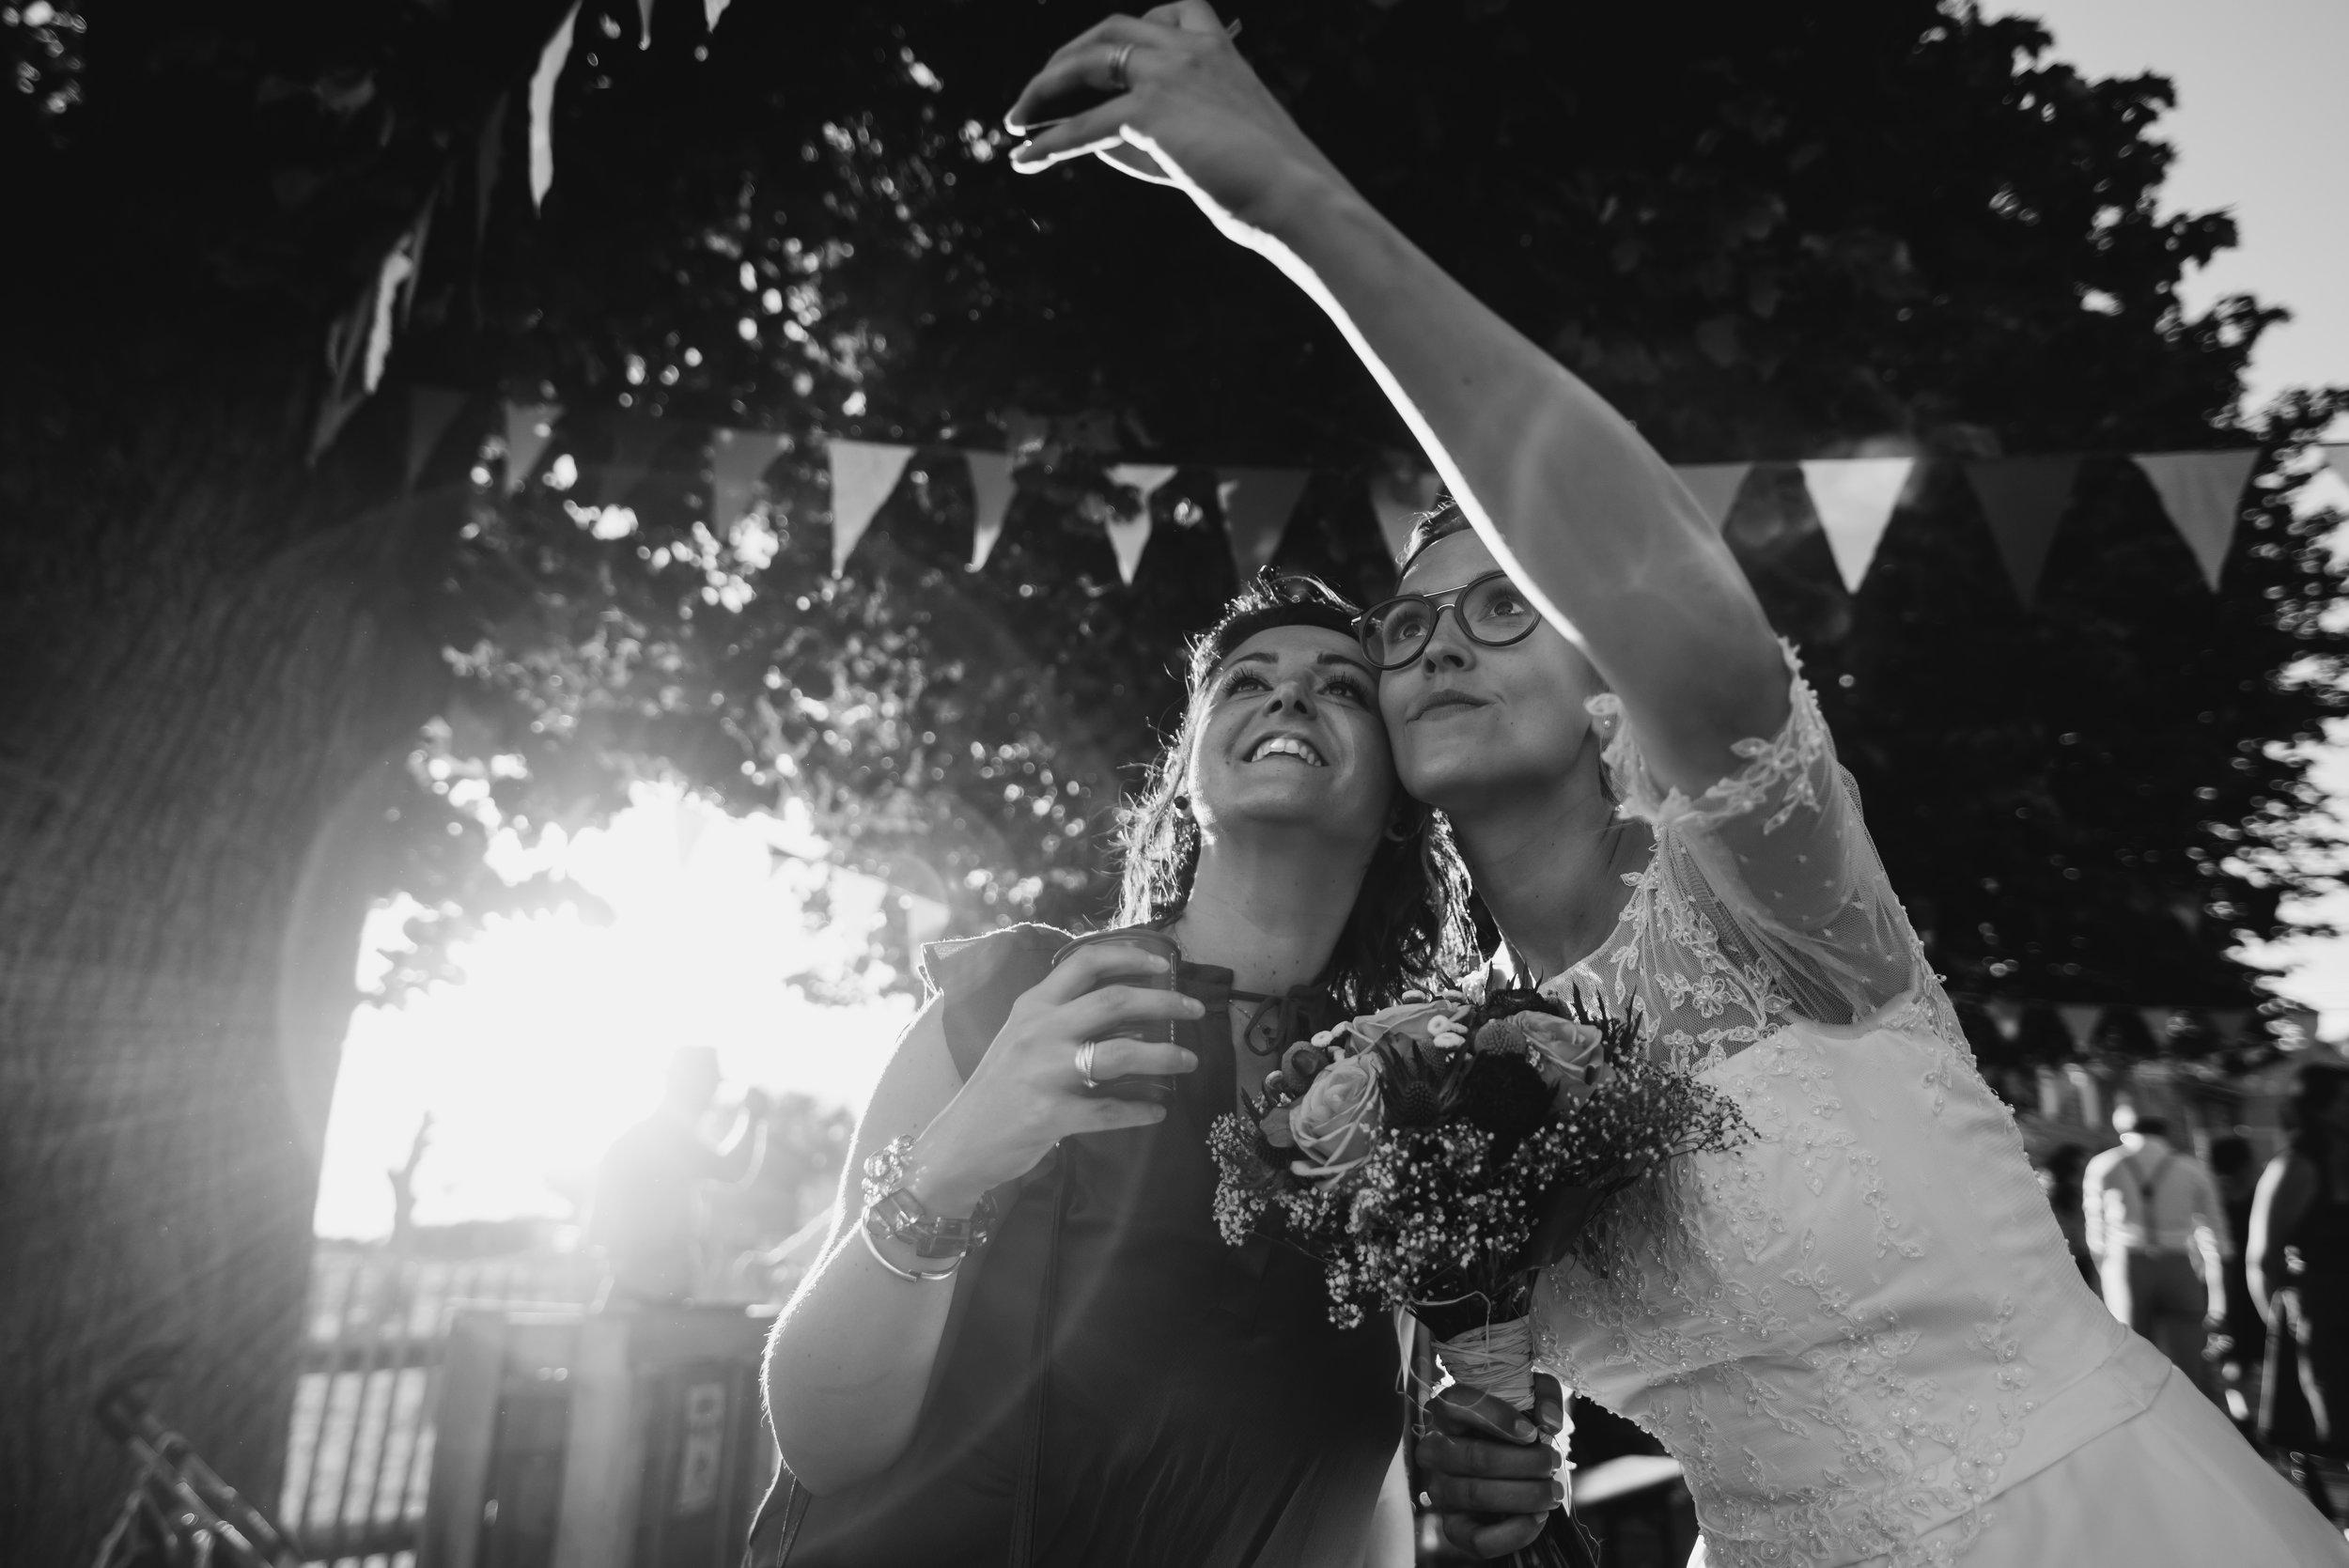 Léa-Fery-photographe-professionnel-lyon-rhone-alpes-portrait-creation-mariage-evenement-evenementiel-famille-2990.jpg